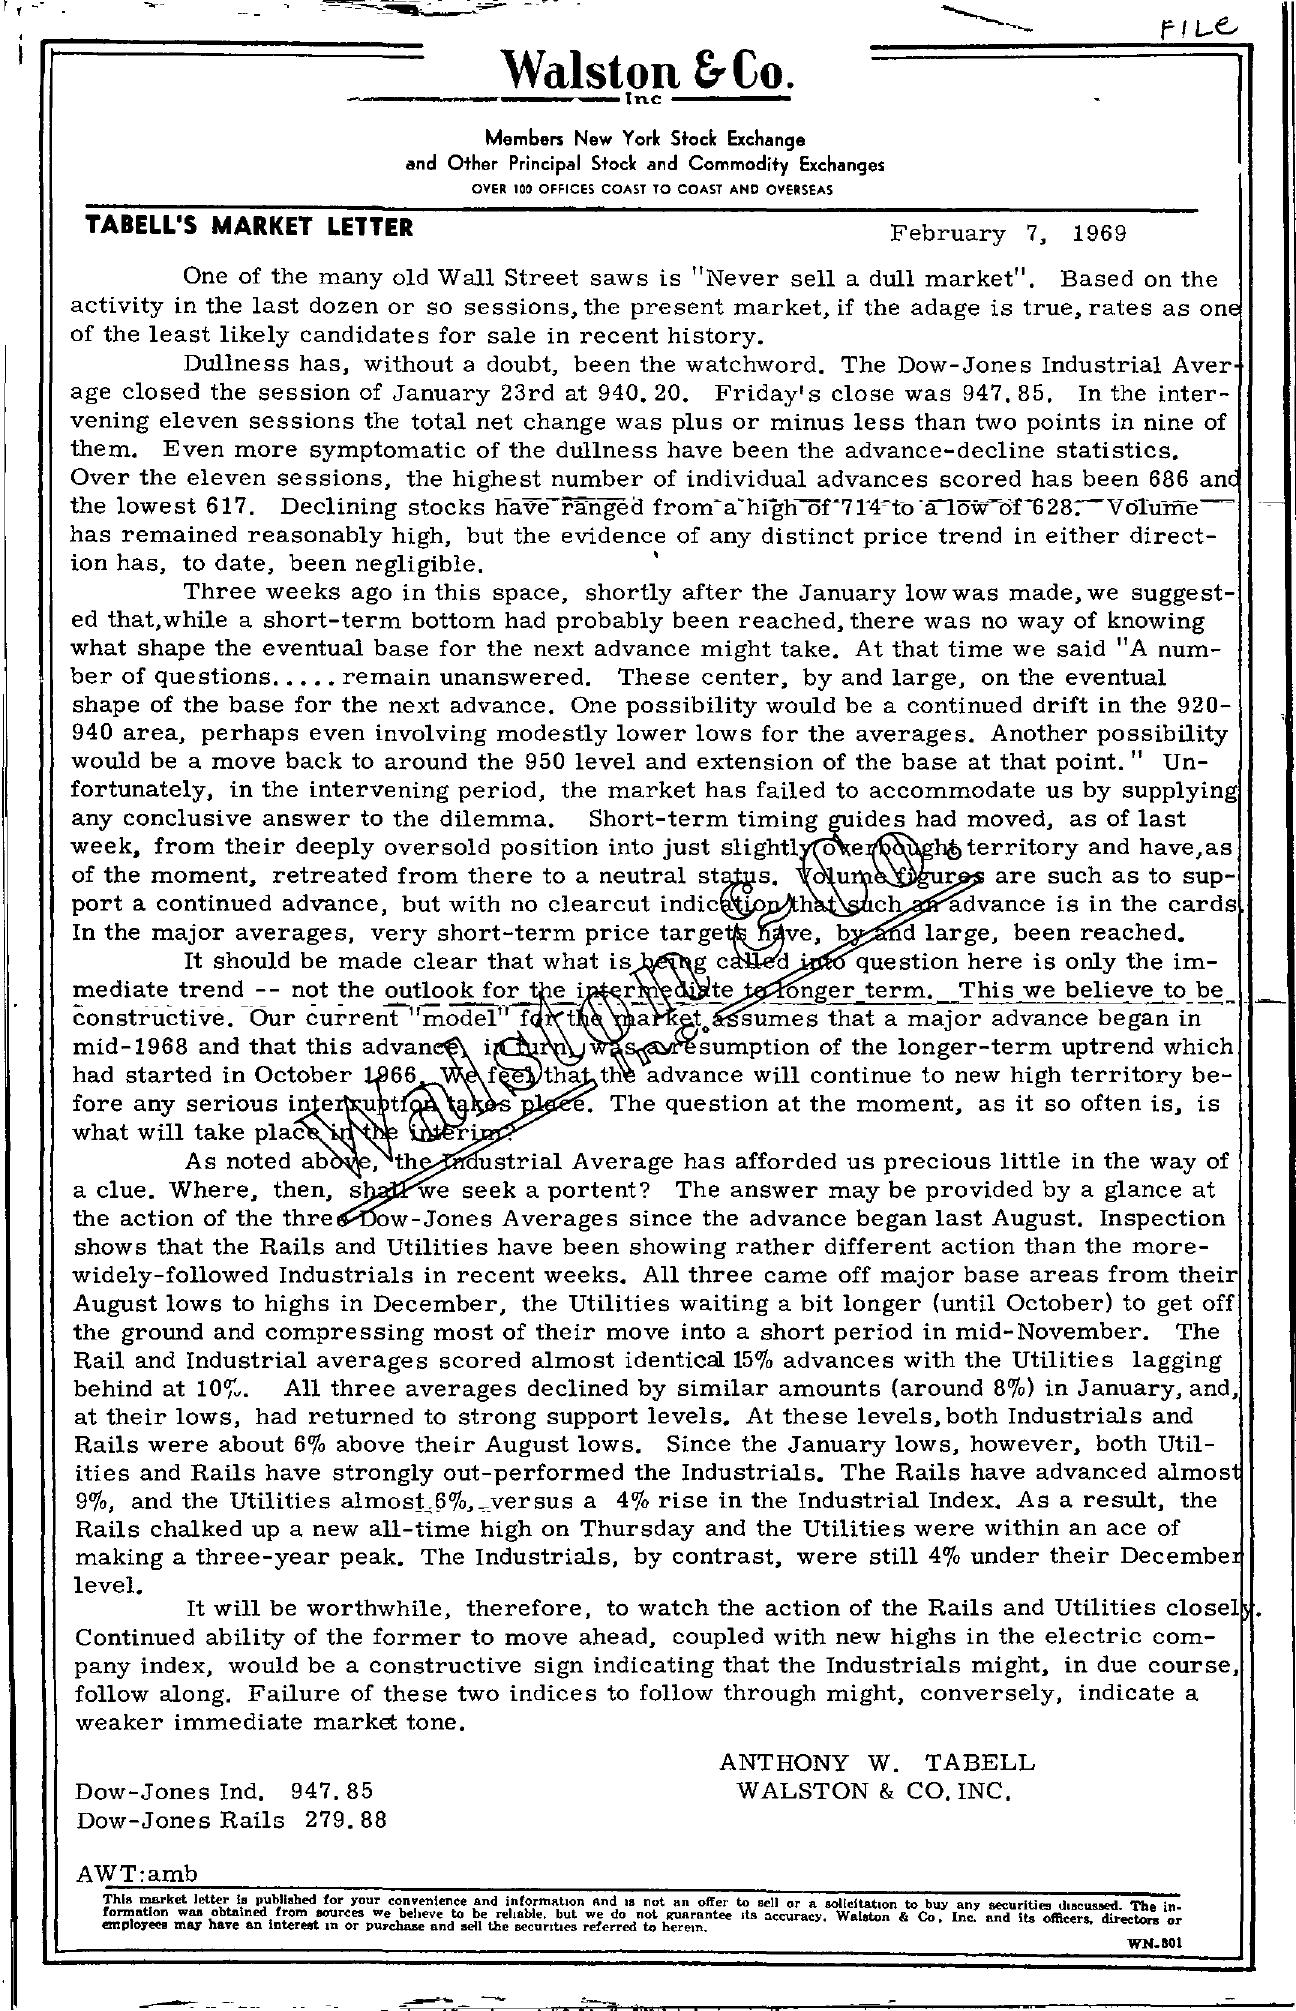 Tabell's Market Letter - February 07, 1969